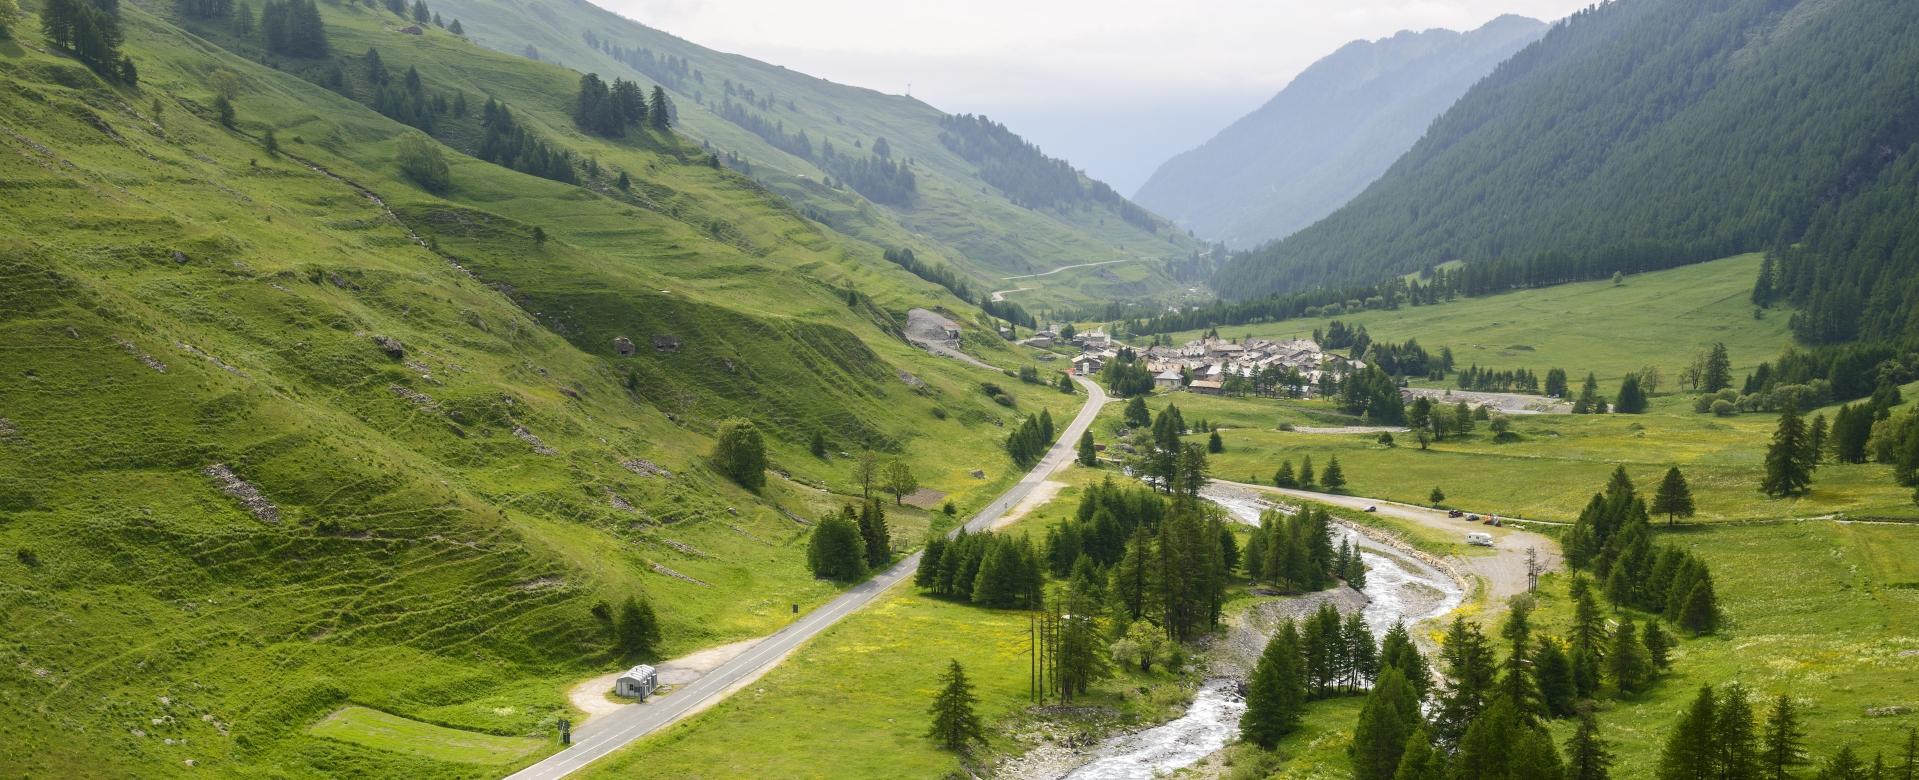 Voyage à pied : Alpes du Nord : Découverte du val maira